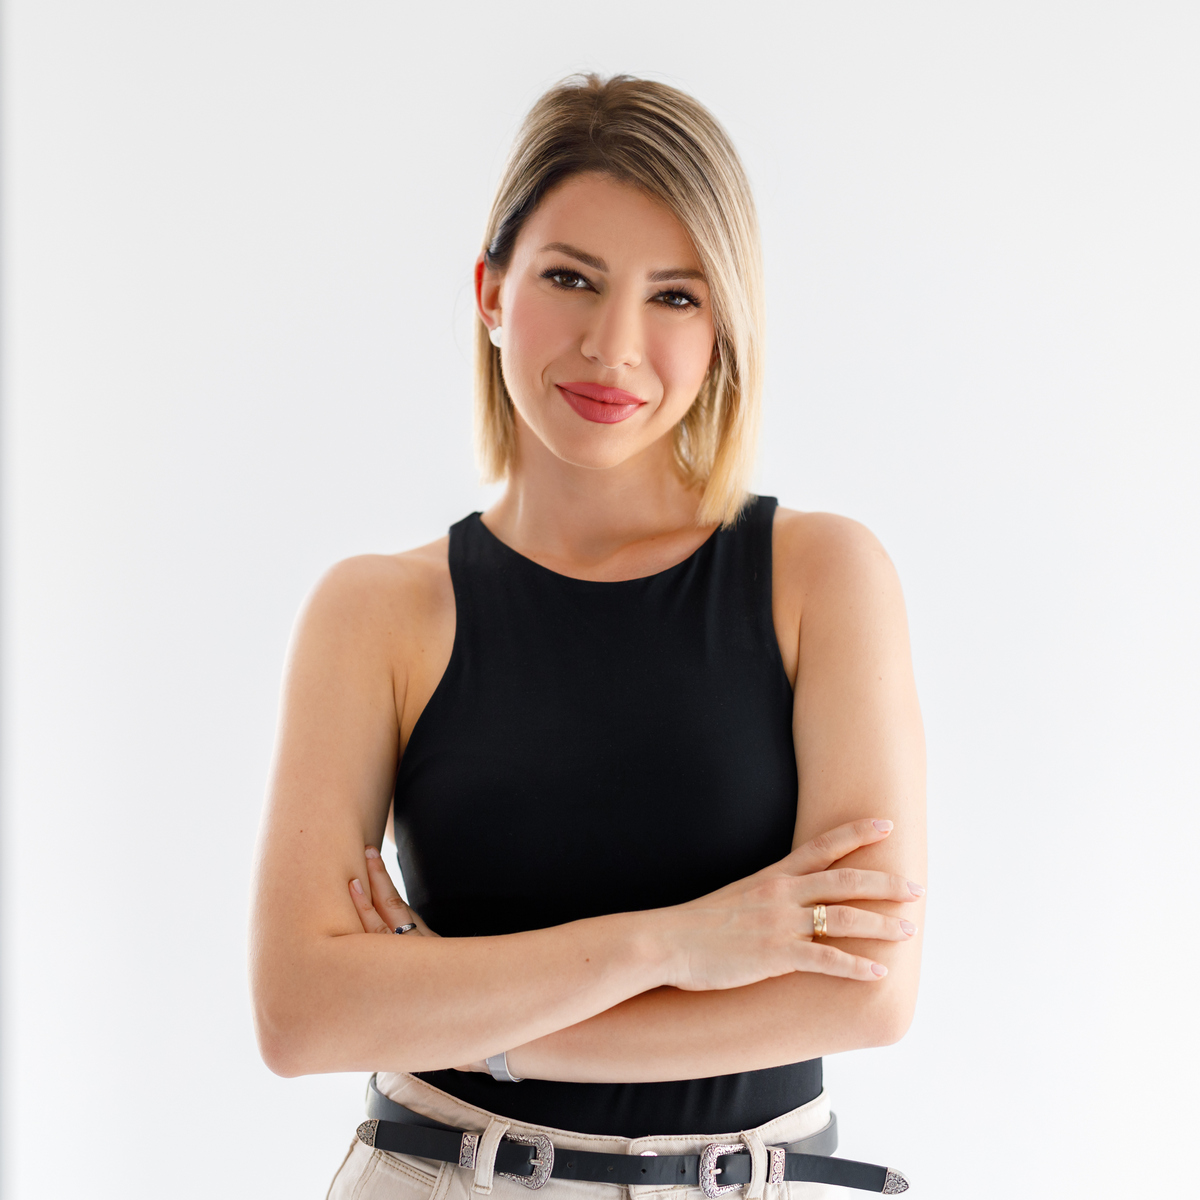 Kompletni Makeover - Ivana Cekić